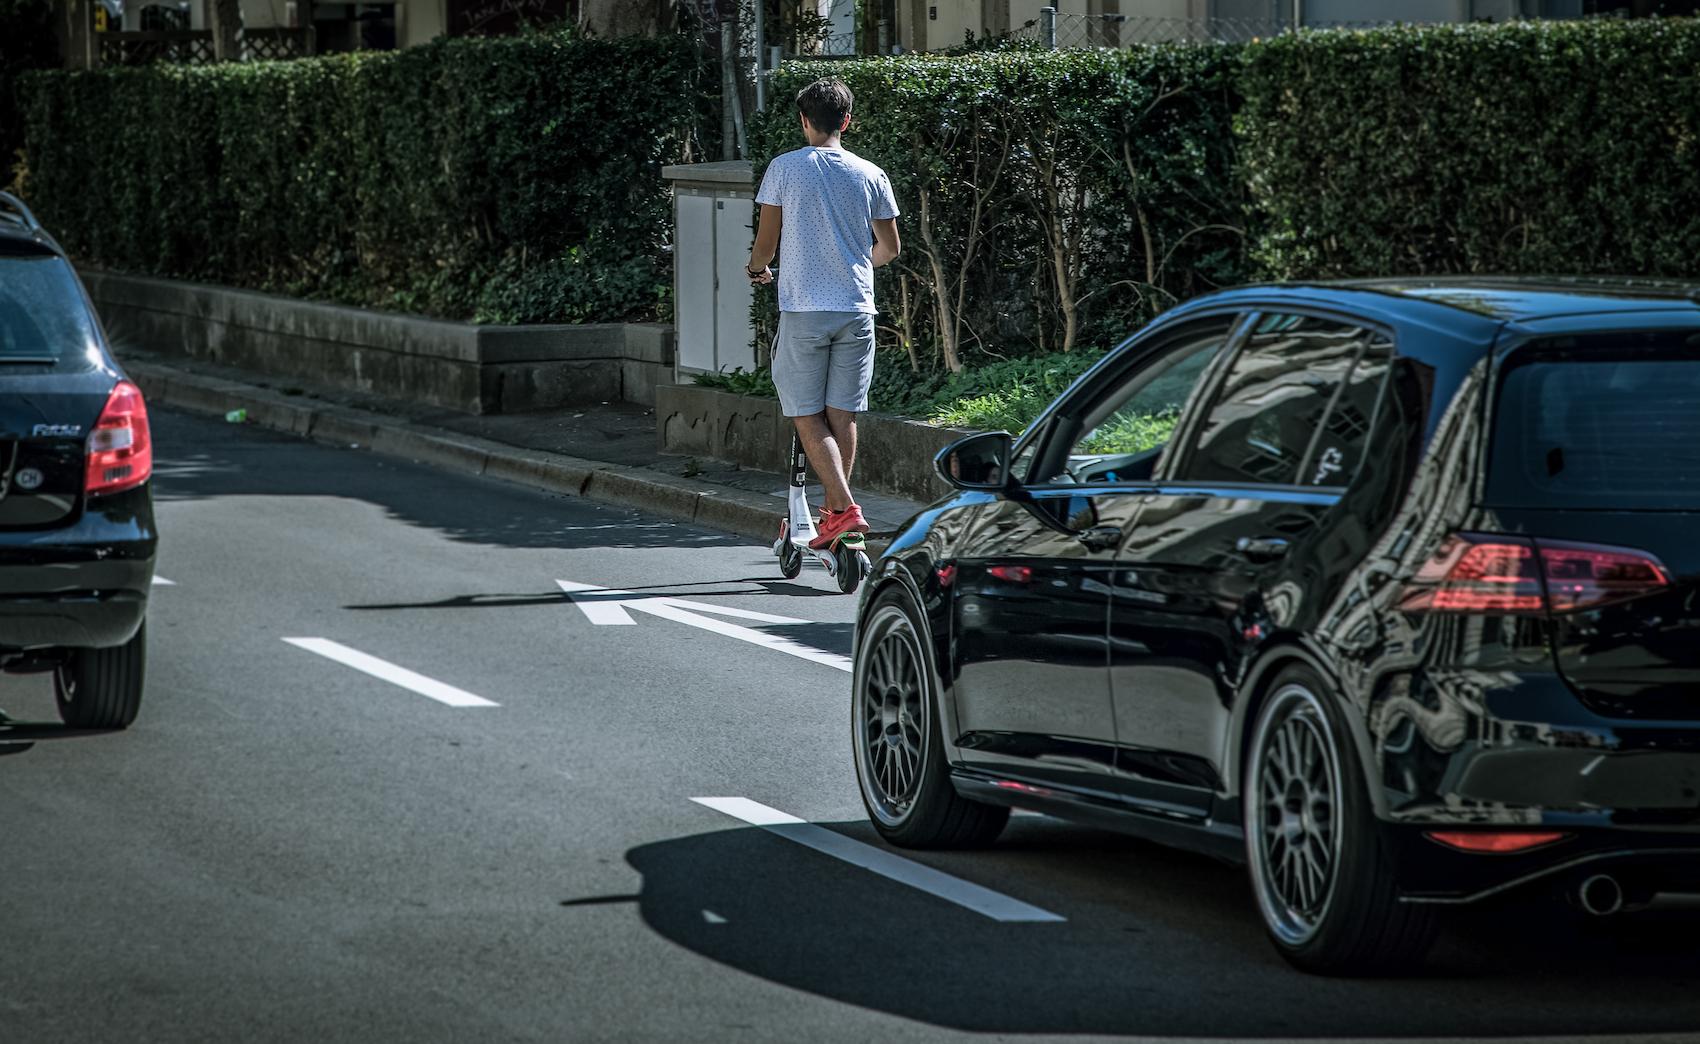 Un usager de la trottinette électrique sur une voie réservée aux voitures à Zurich. (Philippe Rossier)